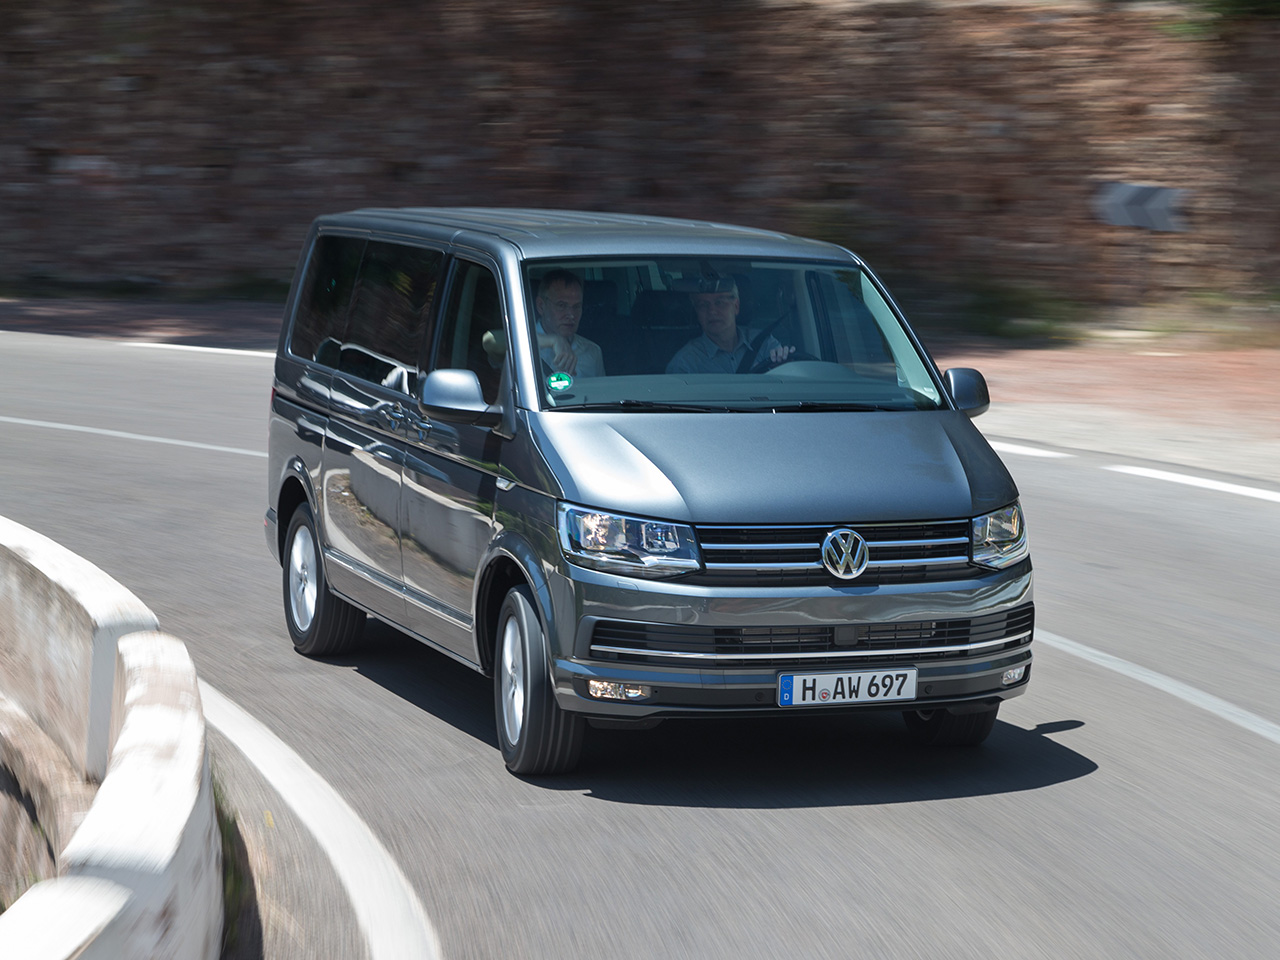 2016 Yeni Kasa Volkswagen Caravelle Teknik 214 Zellikleri